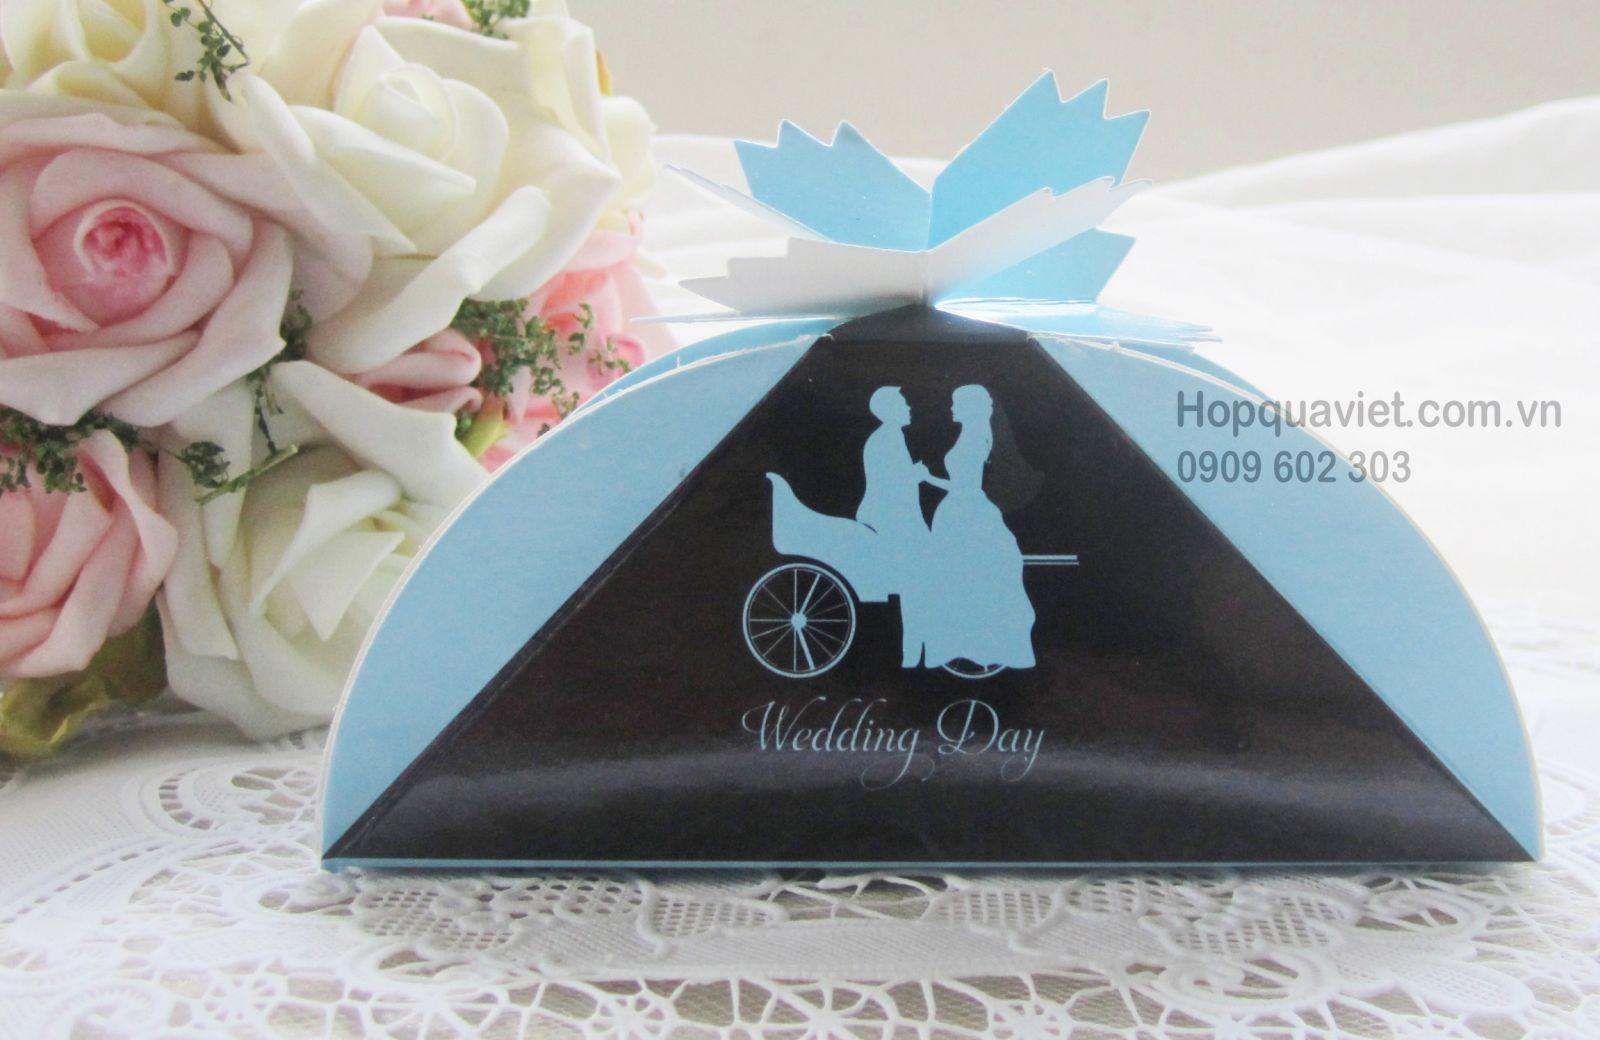 Hộp quà cưới lá phong xanh 5X